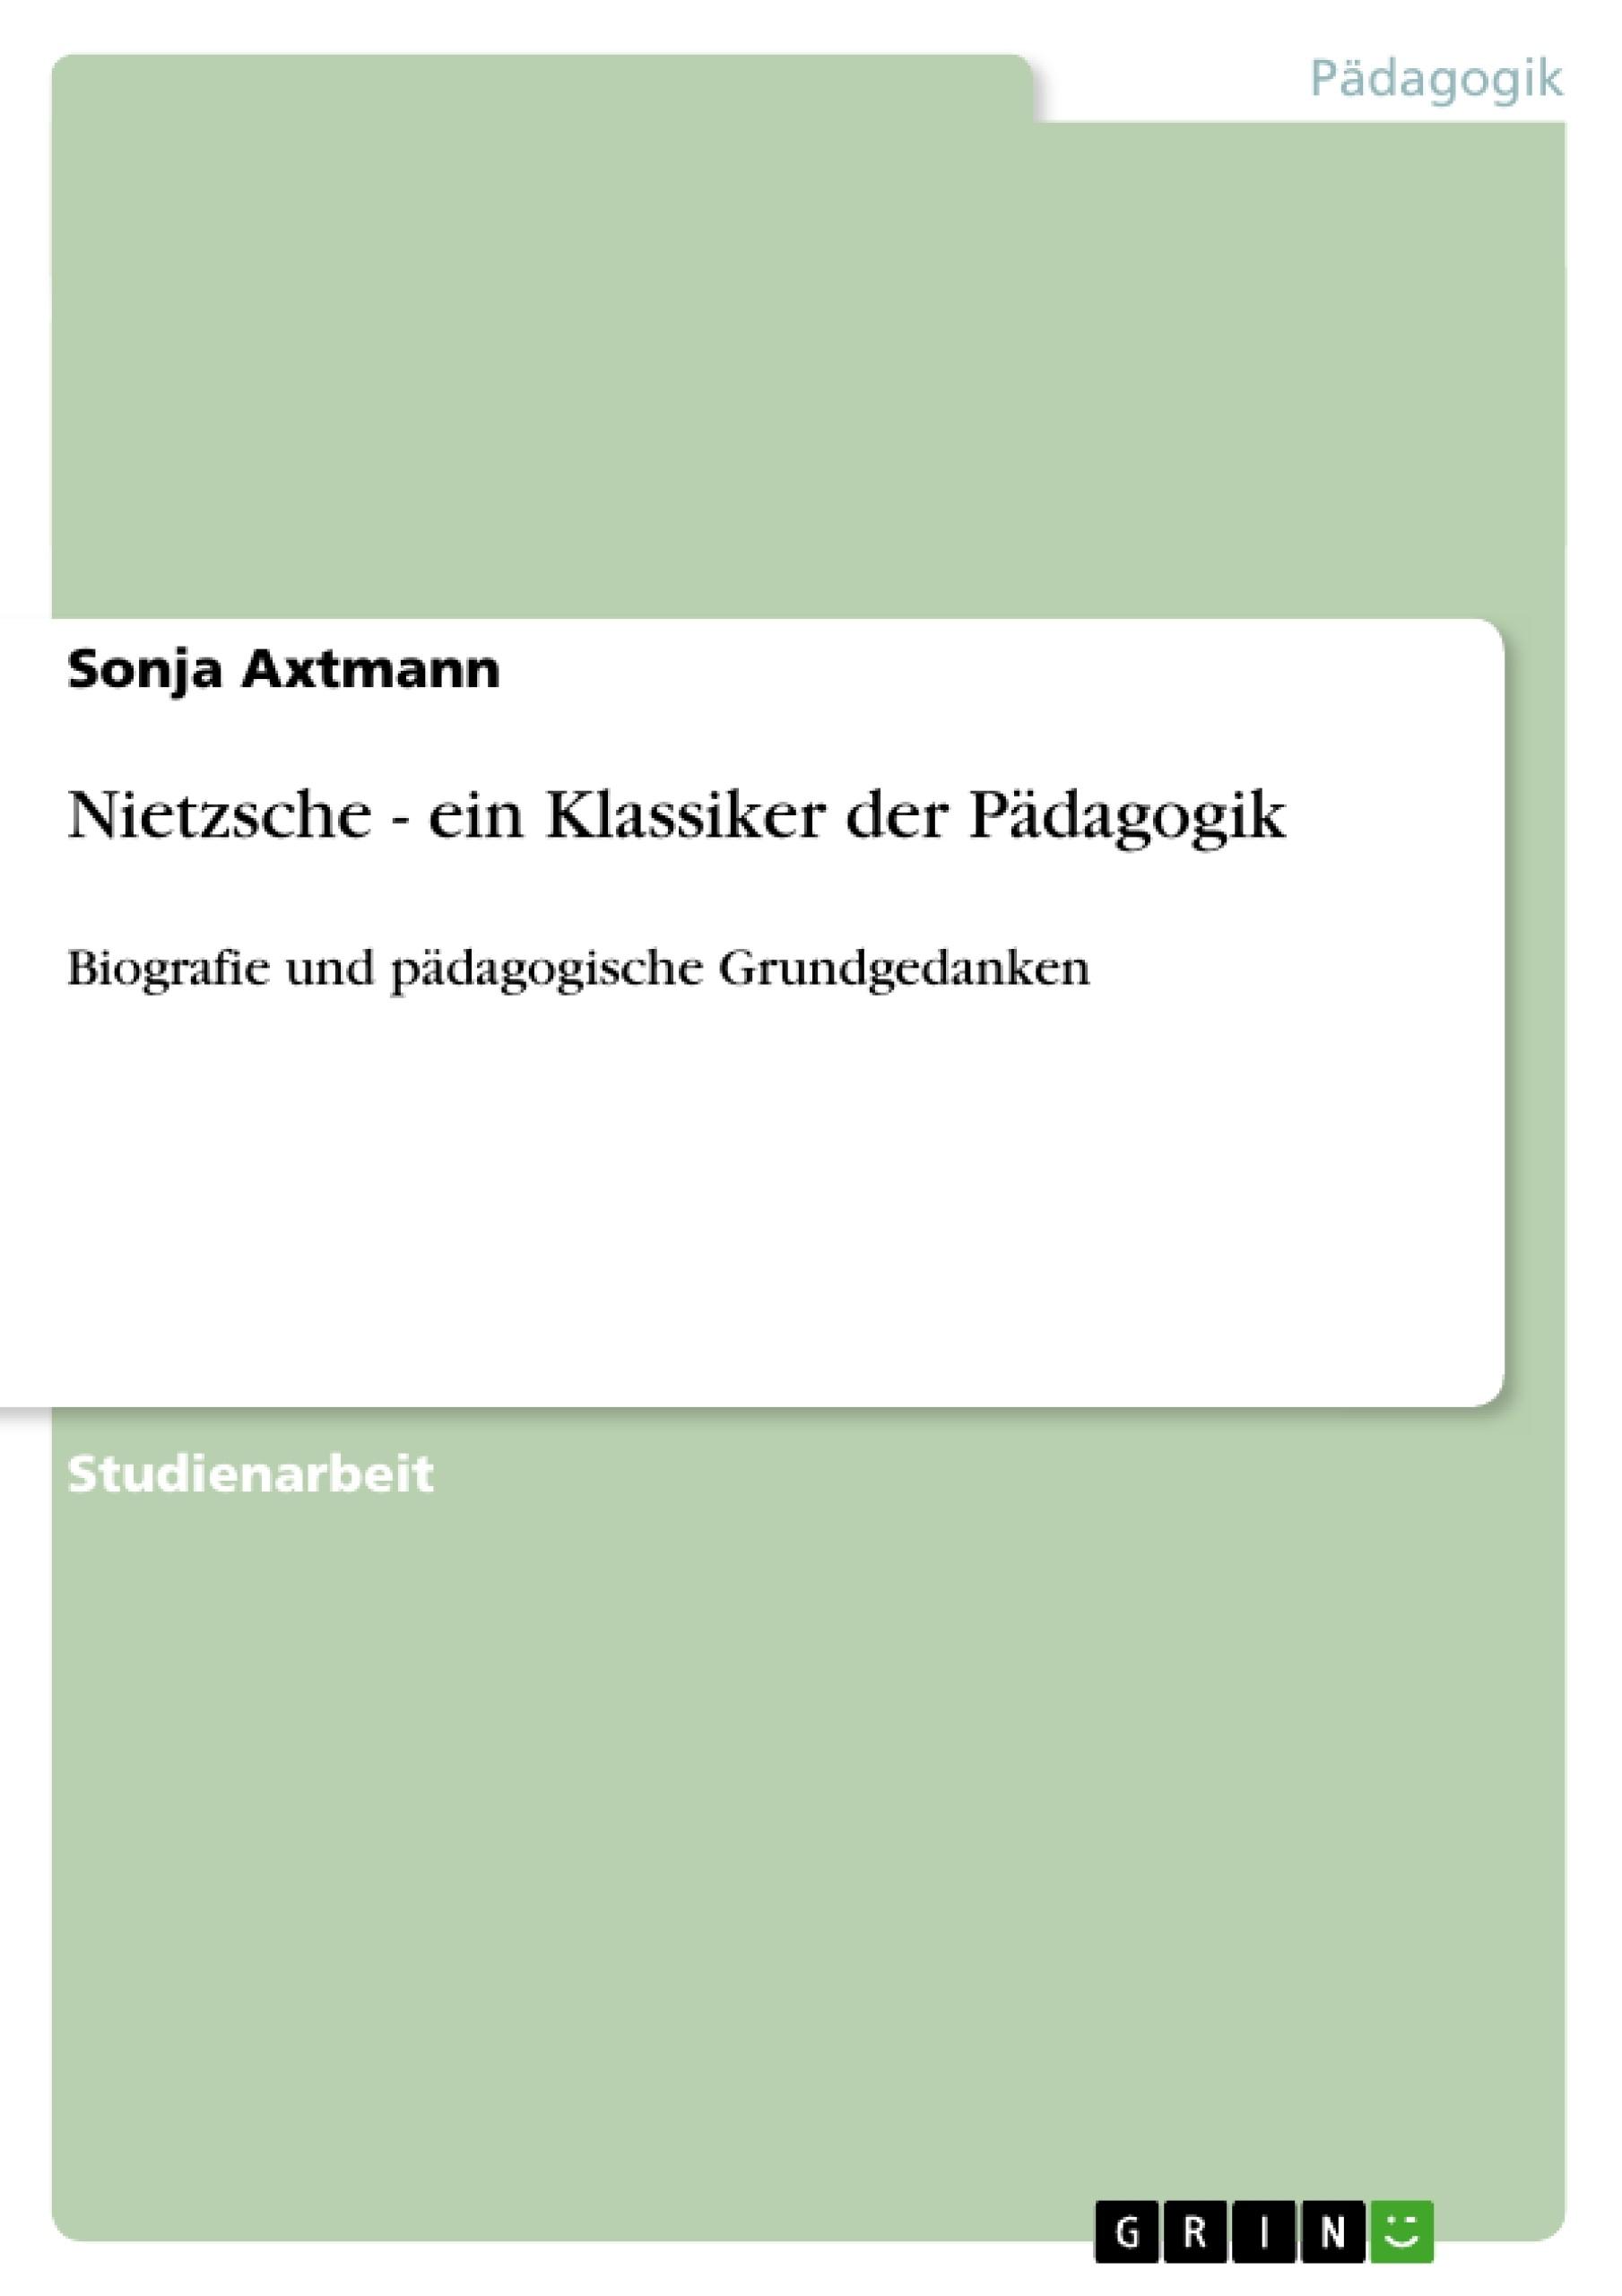 Titel: Nietzsche - ein Klassiker der Pädagogik